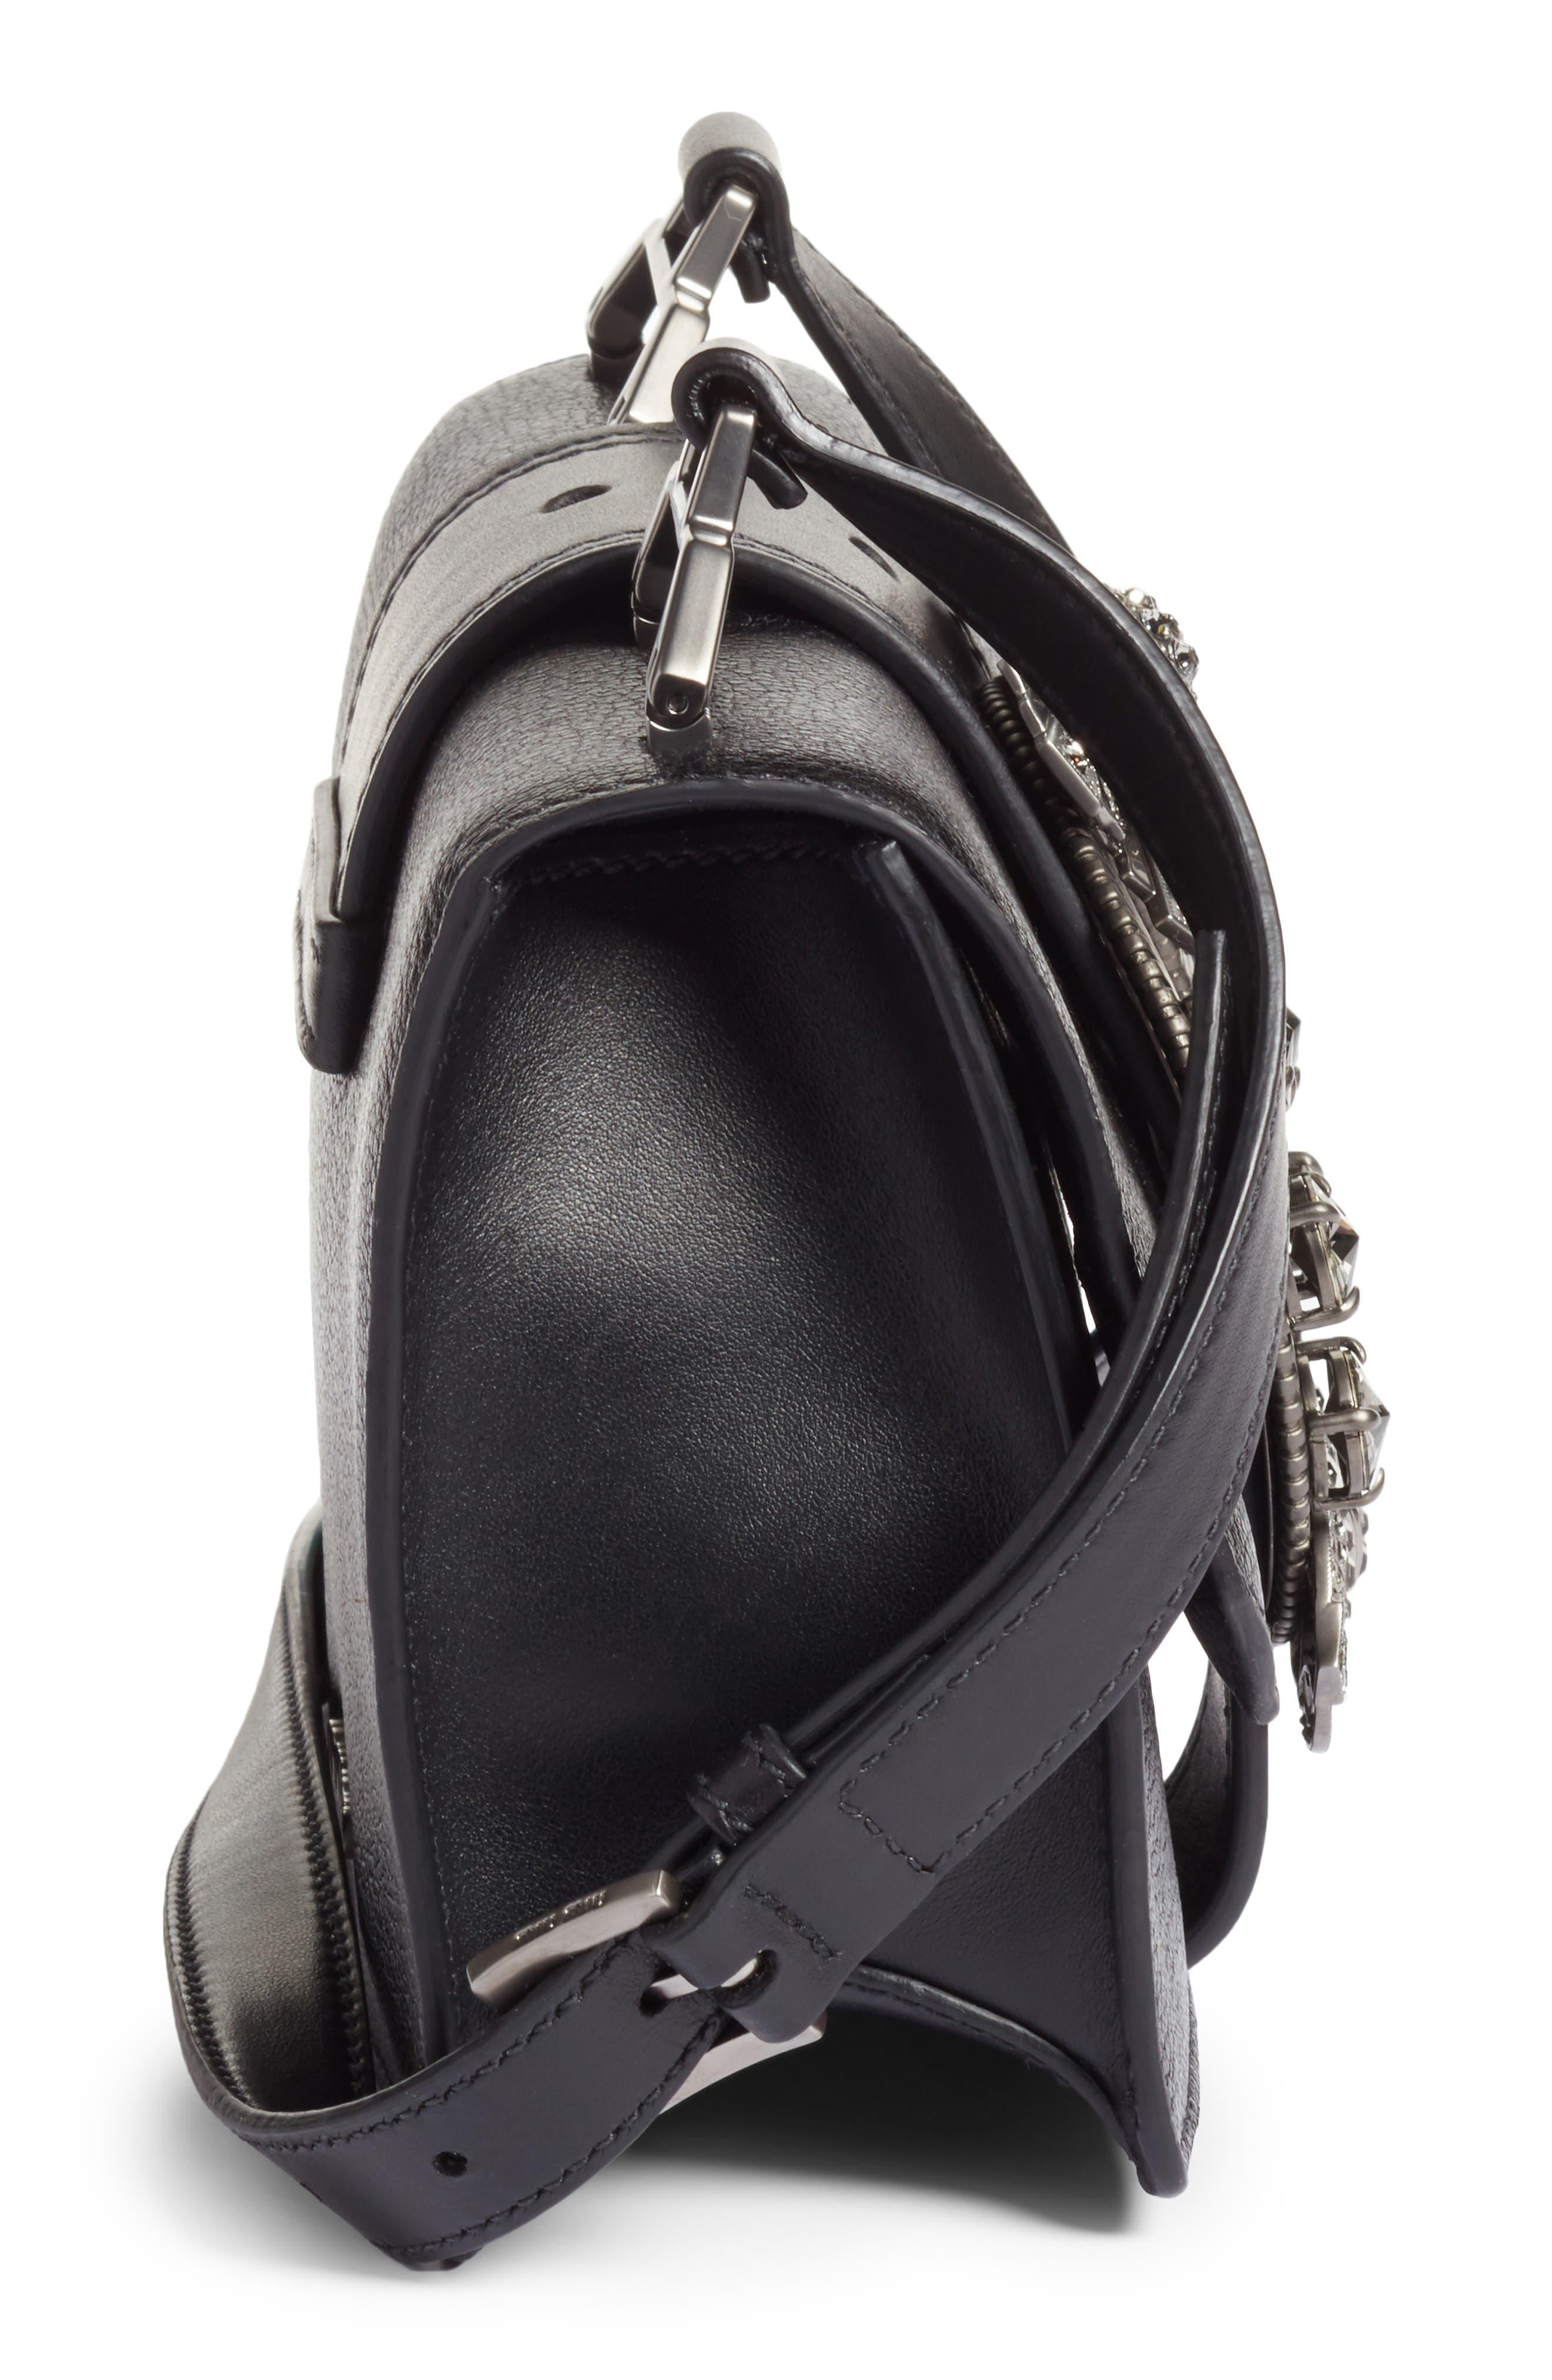 Madras Crystal Embellished Leather Shoulder Bag,                             Alternate thumbnail 5, color,                             Black